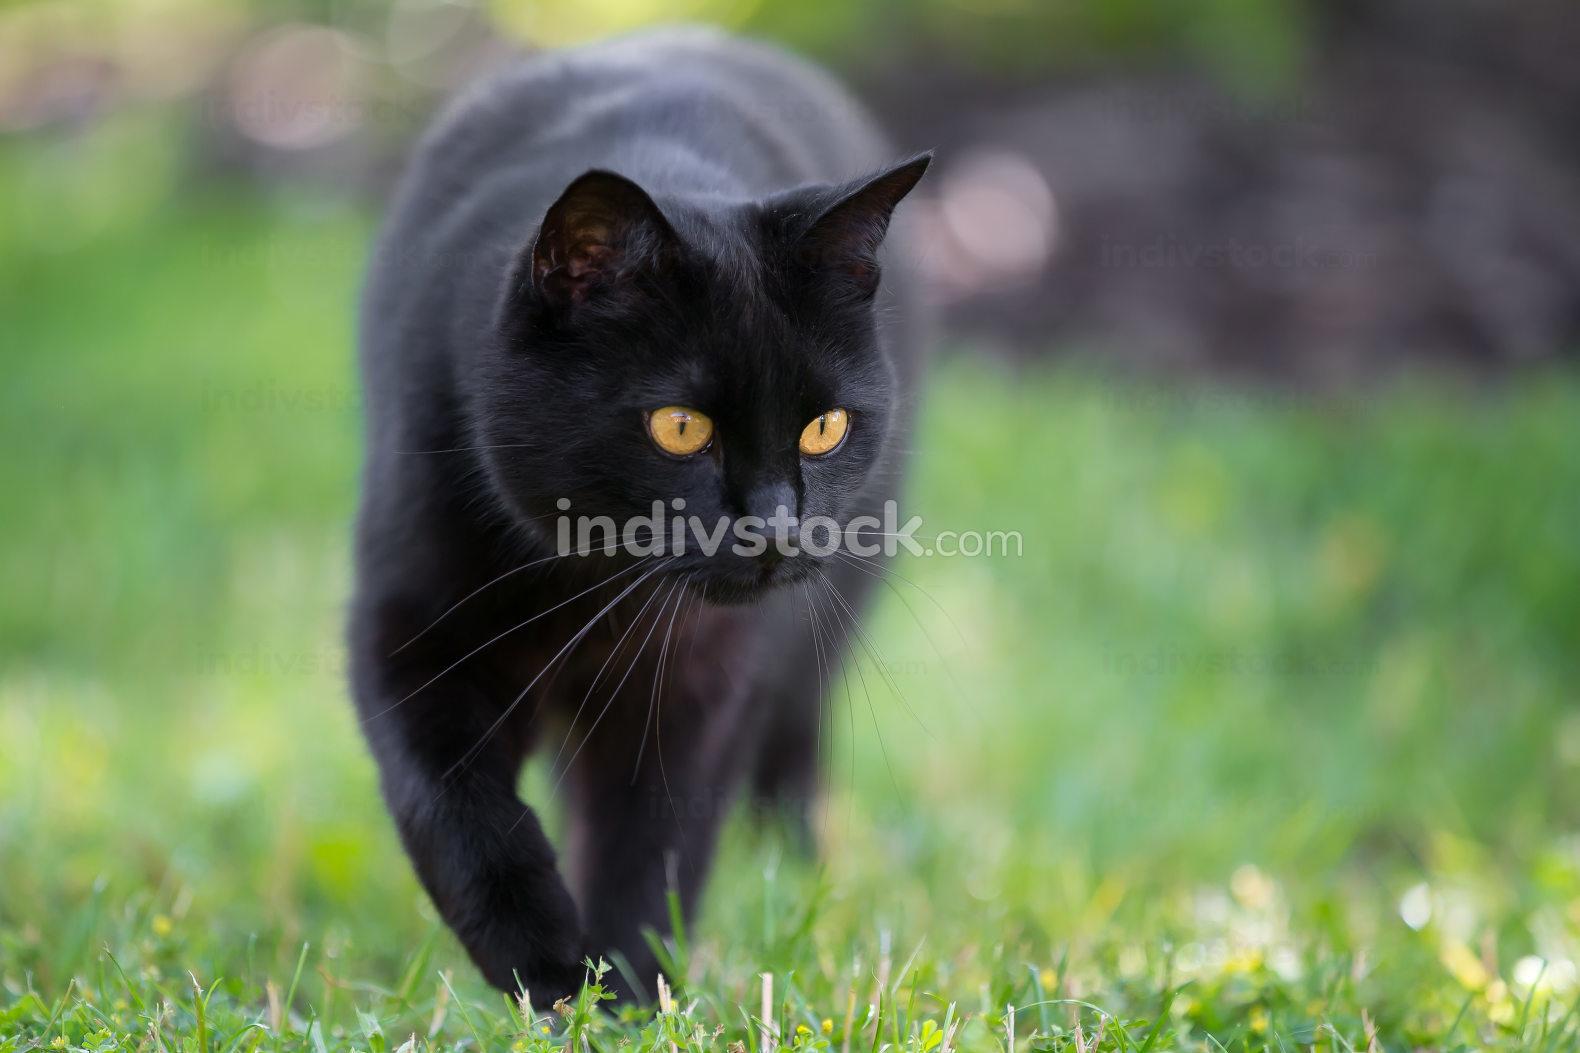 Black cat is walking